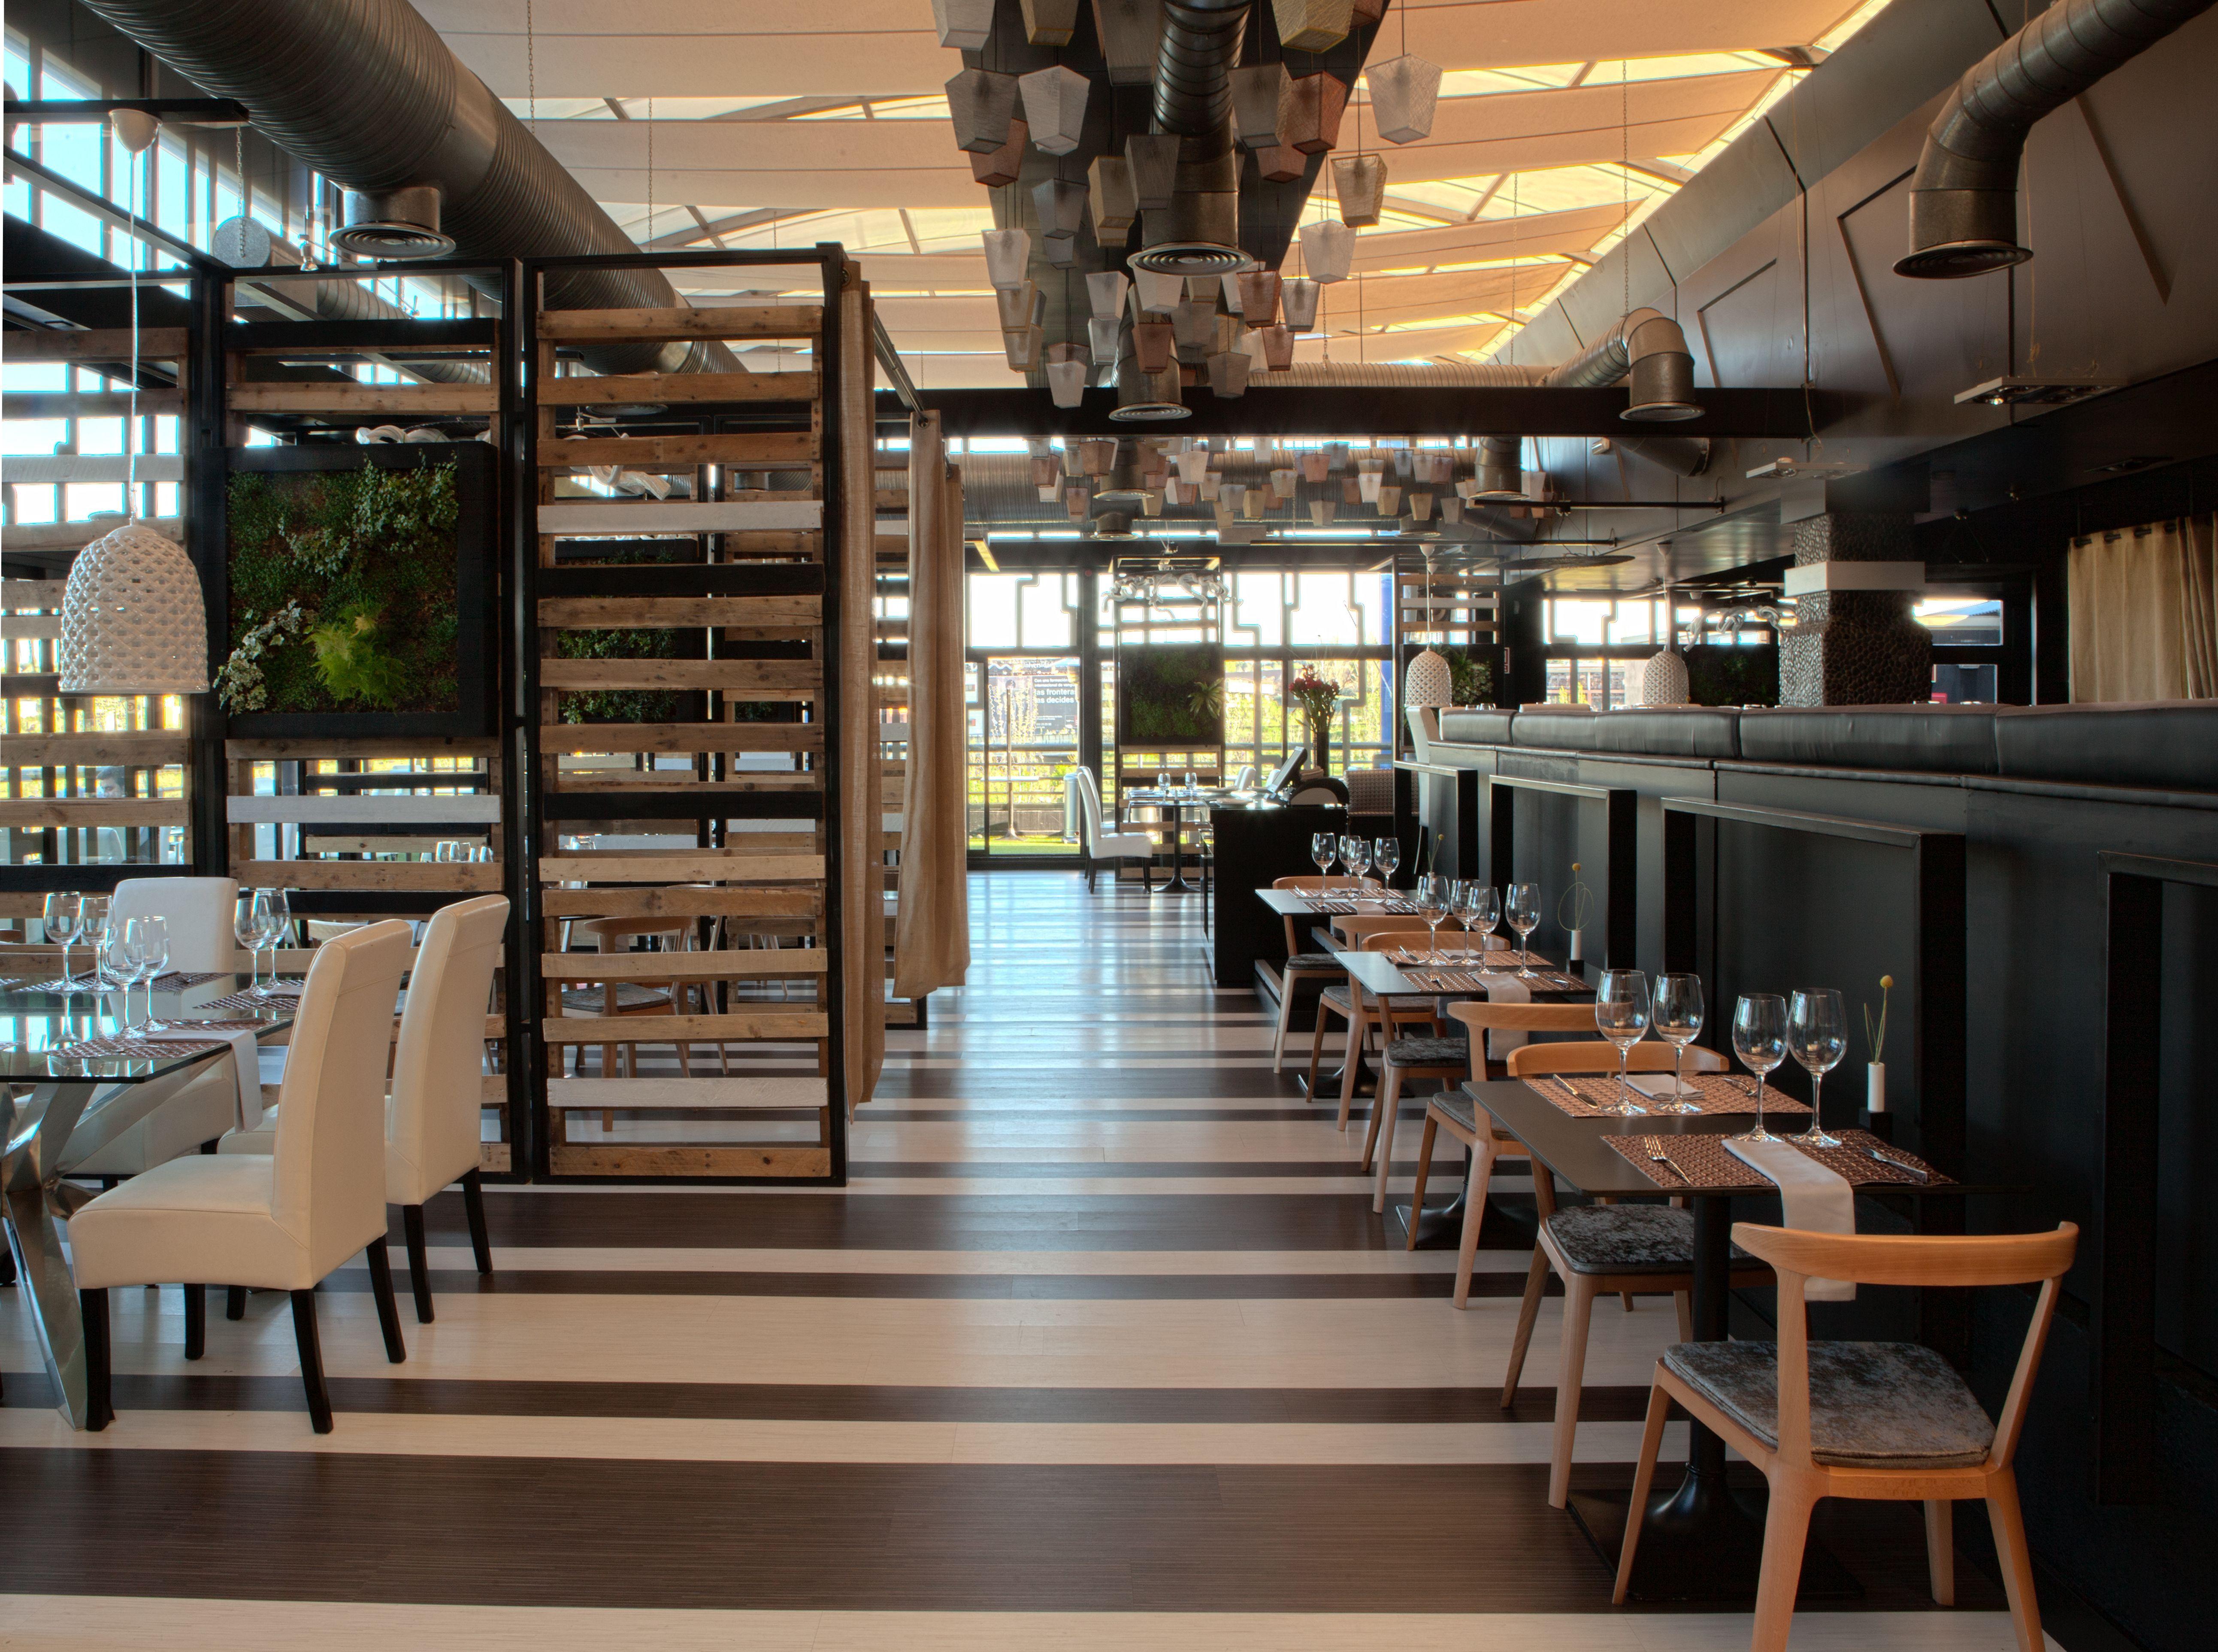 Ideas y consejos como decorar una hosteler a bar o restaurante decoreforma2000 empresa de - Decoracion de bares tematicos ...